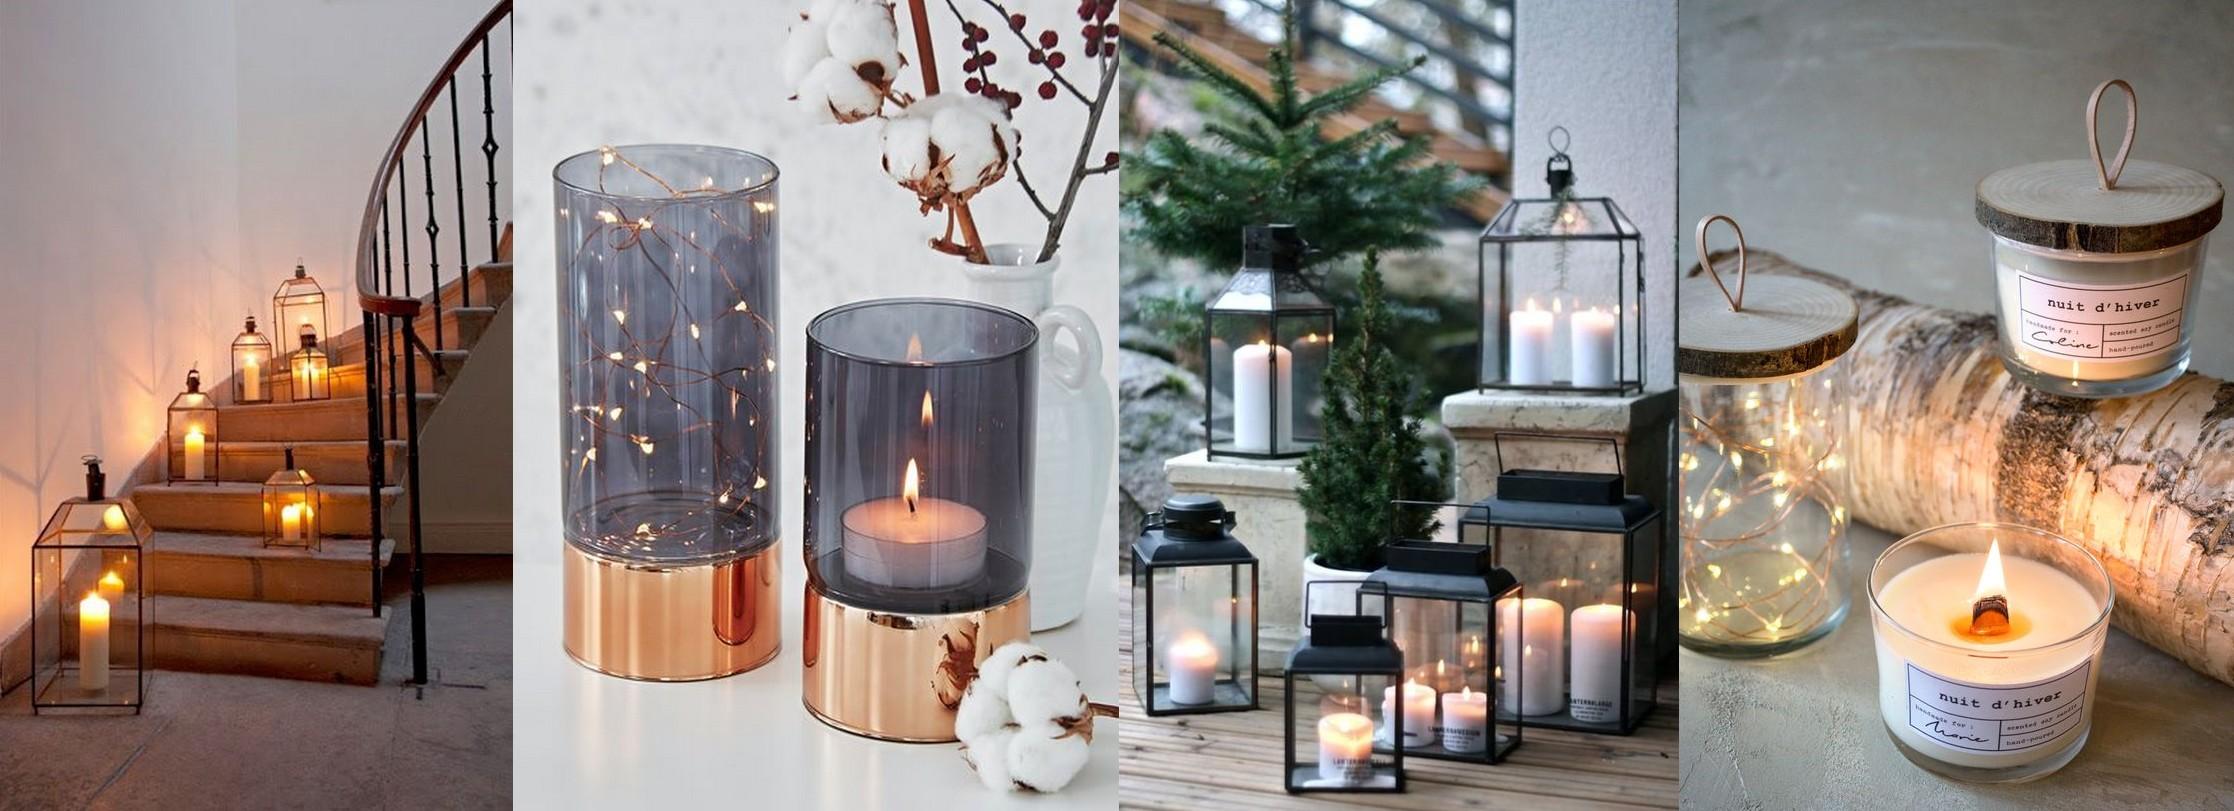 Eclairage lanterne, bougies (1).jpg